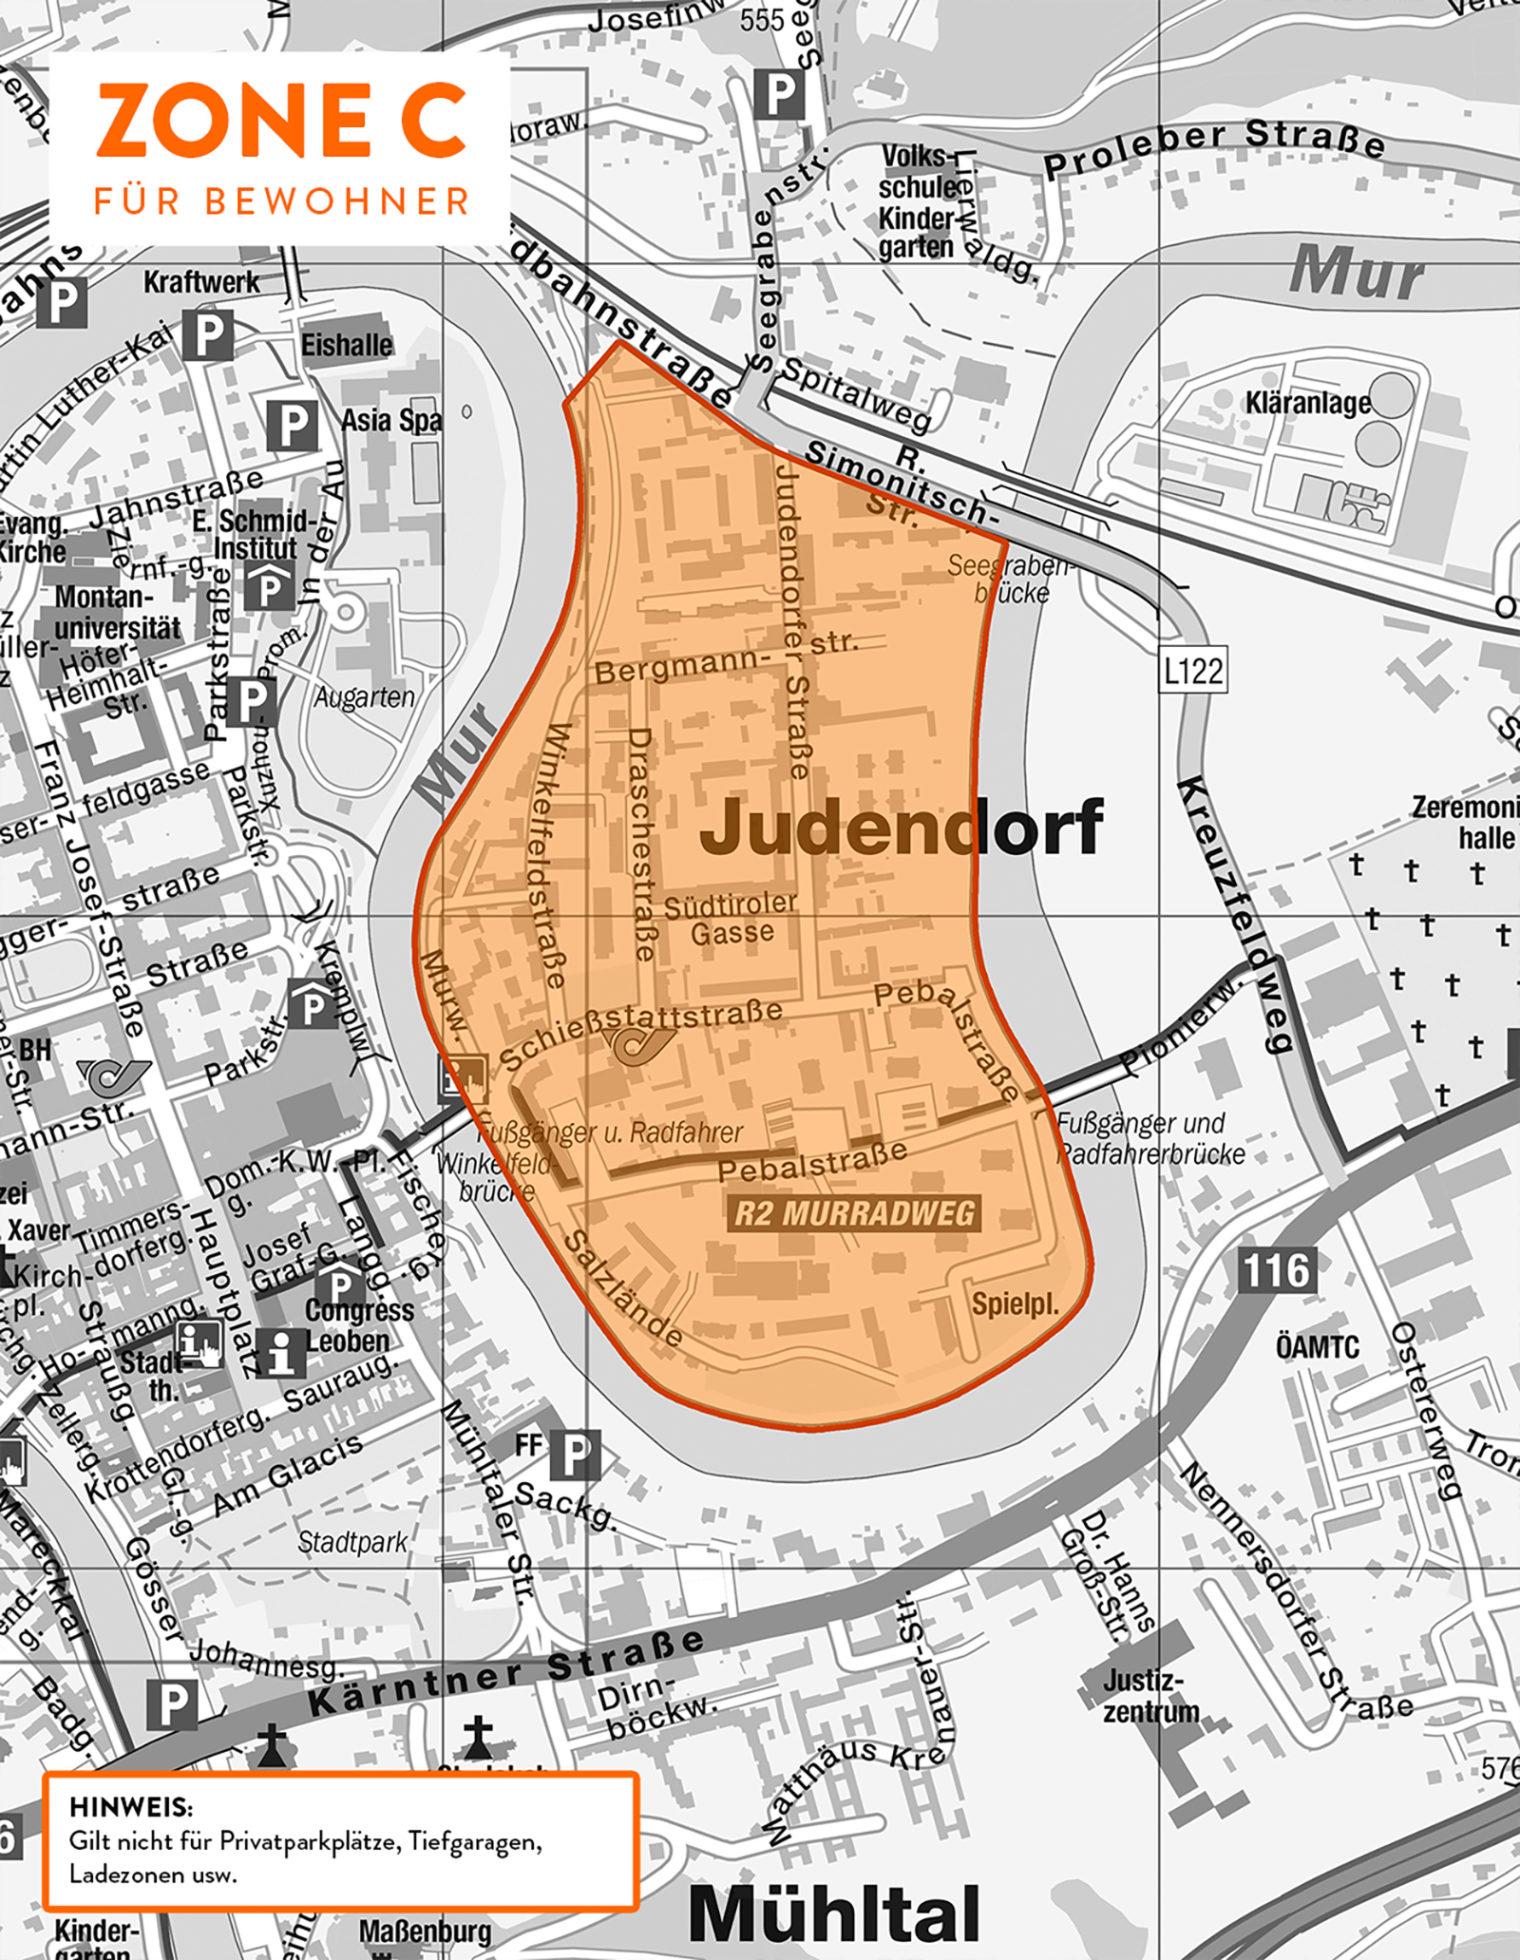 Karte der Parkzone C (Bereich Judendorf)